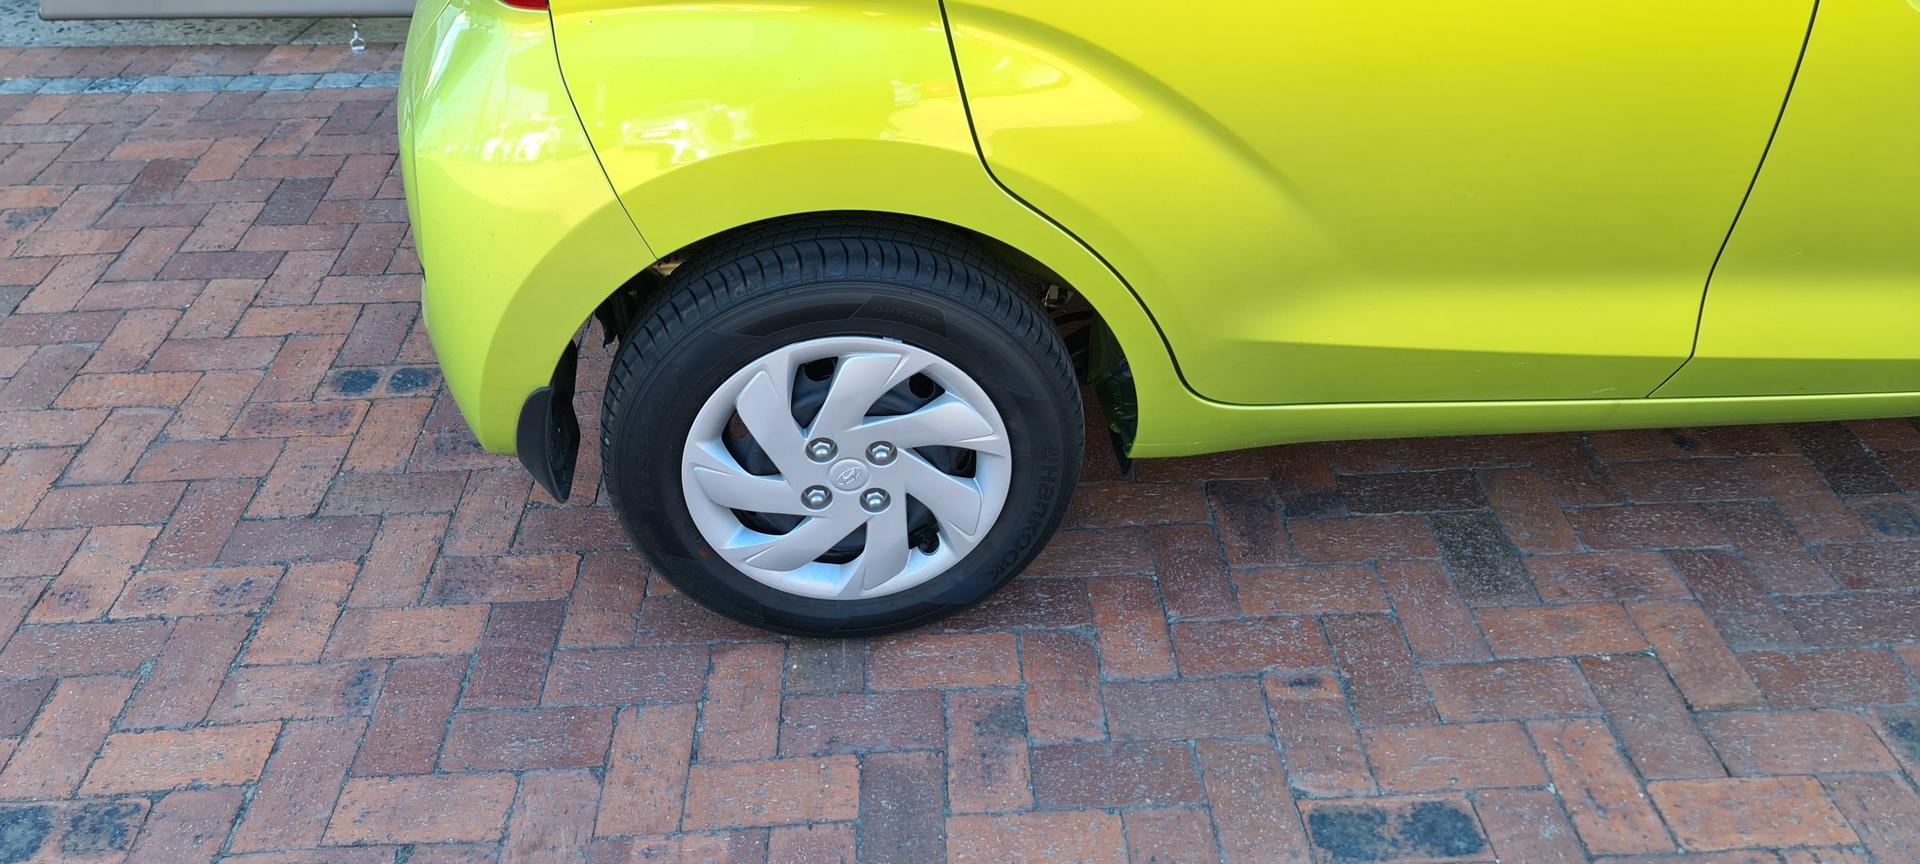 HYUNDAI 1.1 MOTION Cape Town 2329897